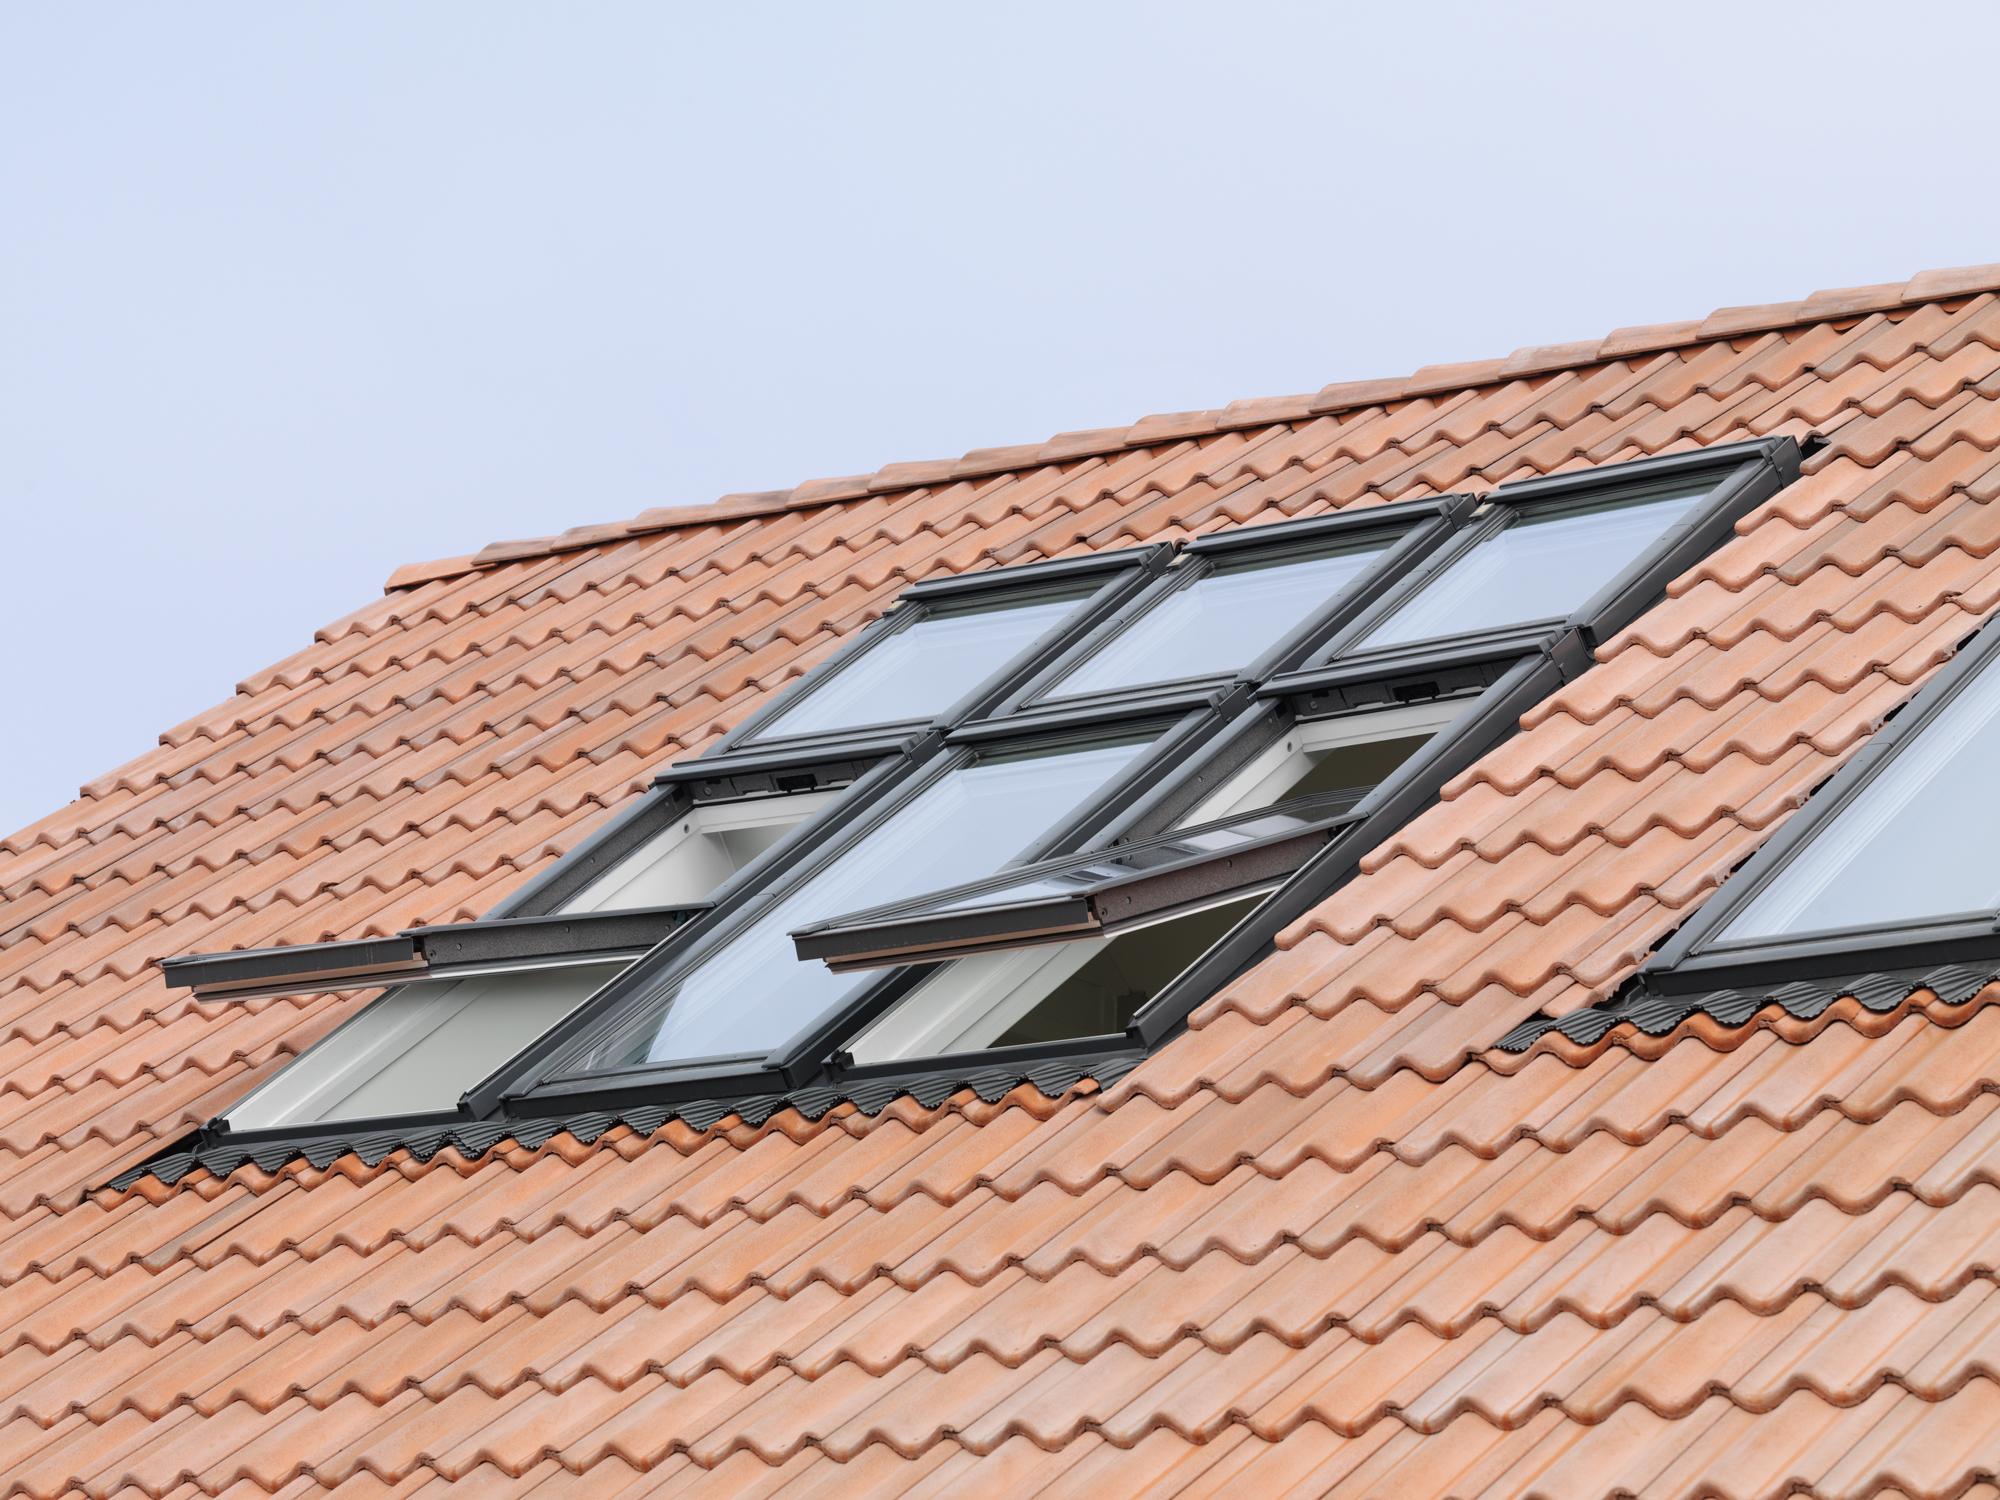 Proprietà del Tetto Condominiale: Accesso e Installazione Finestre